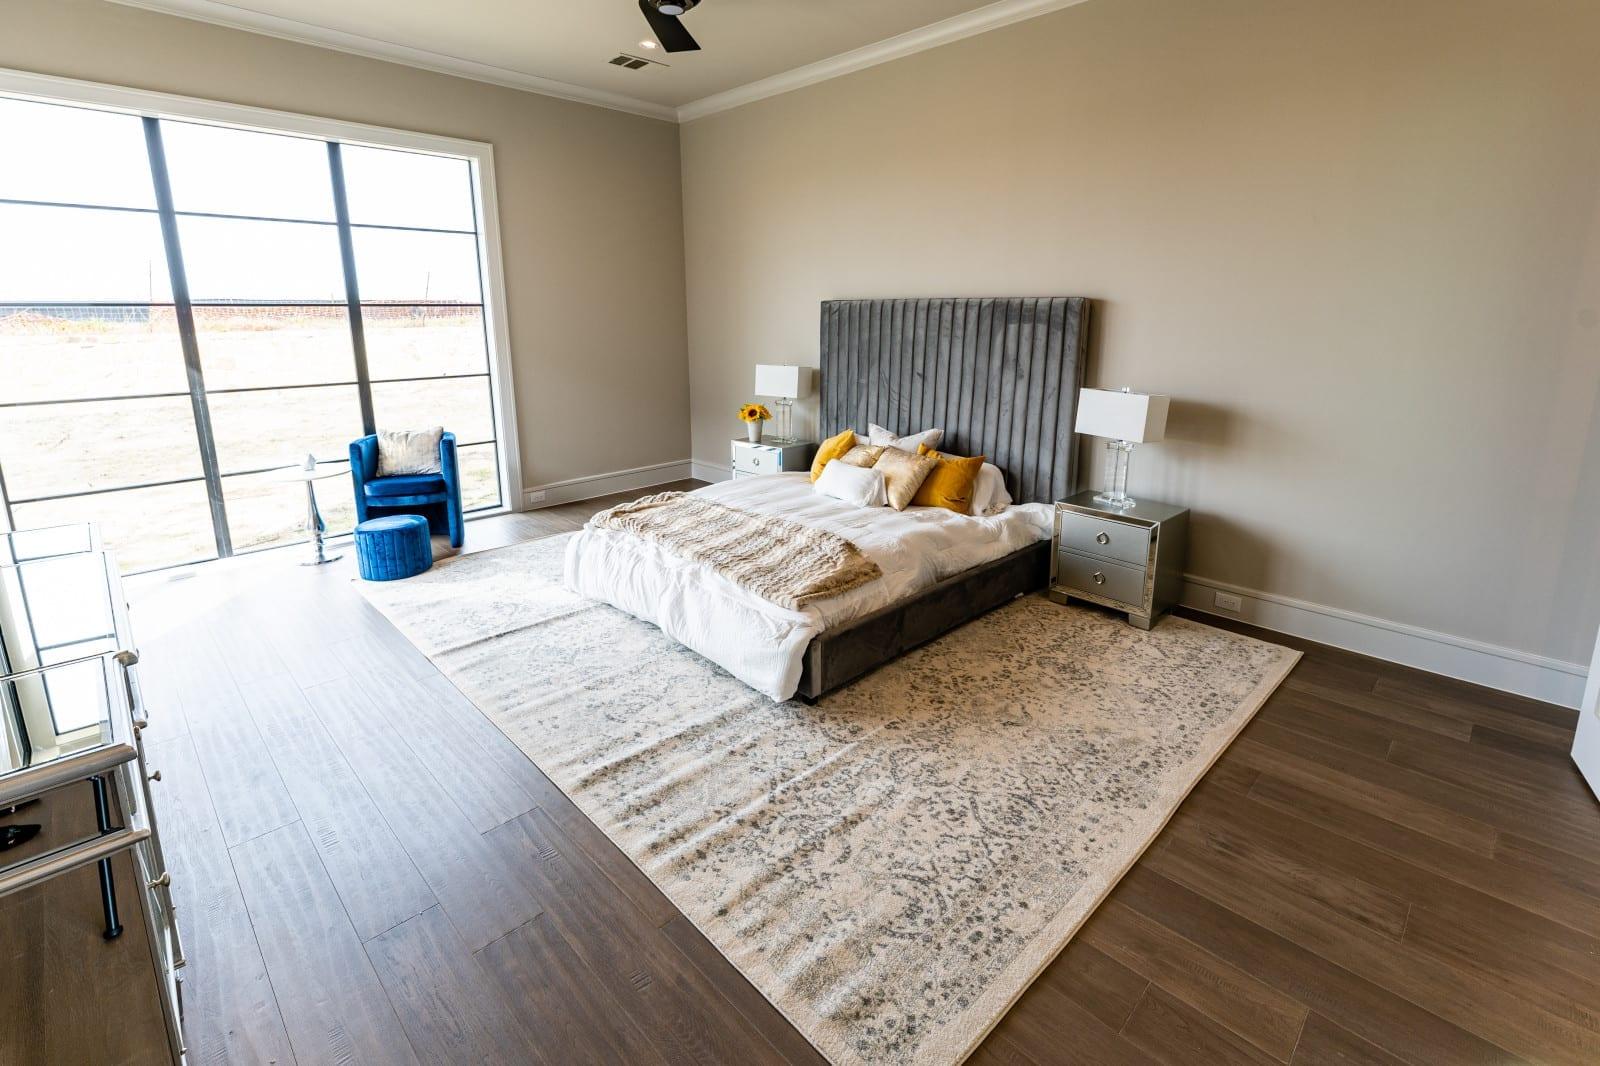 modern home design 19 - Millennial Design + Build